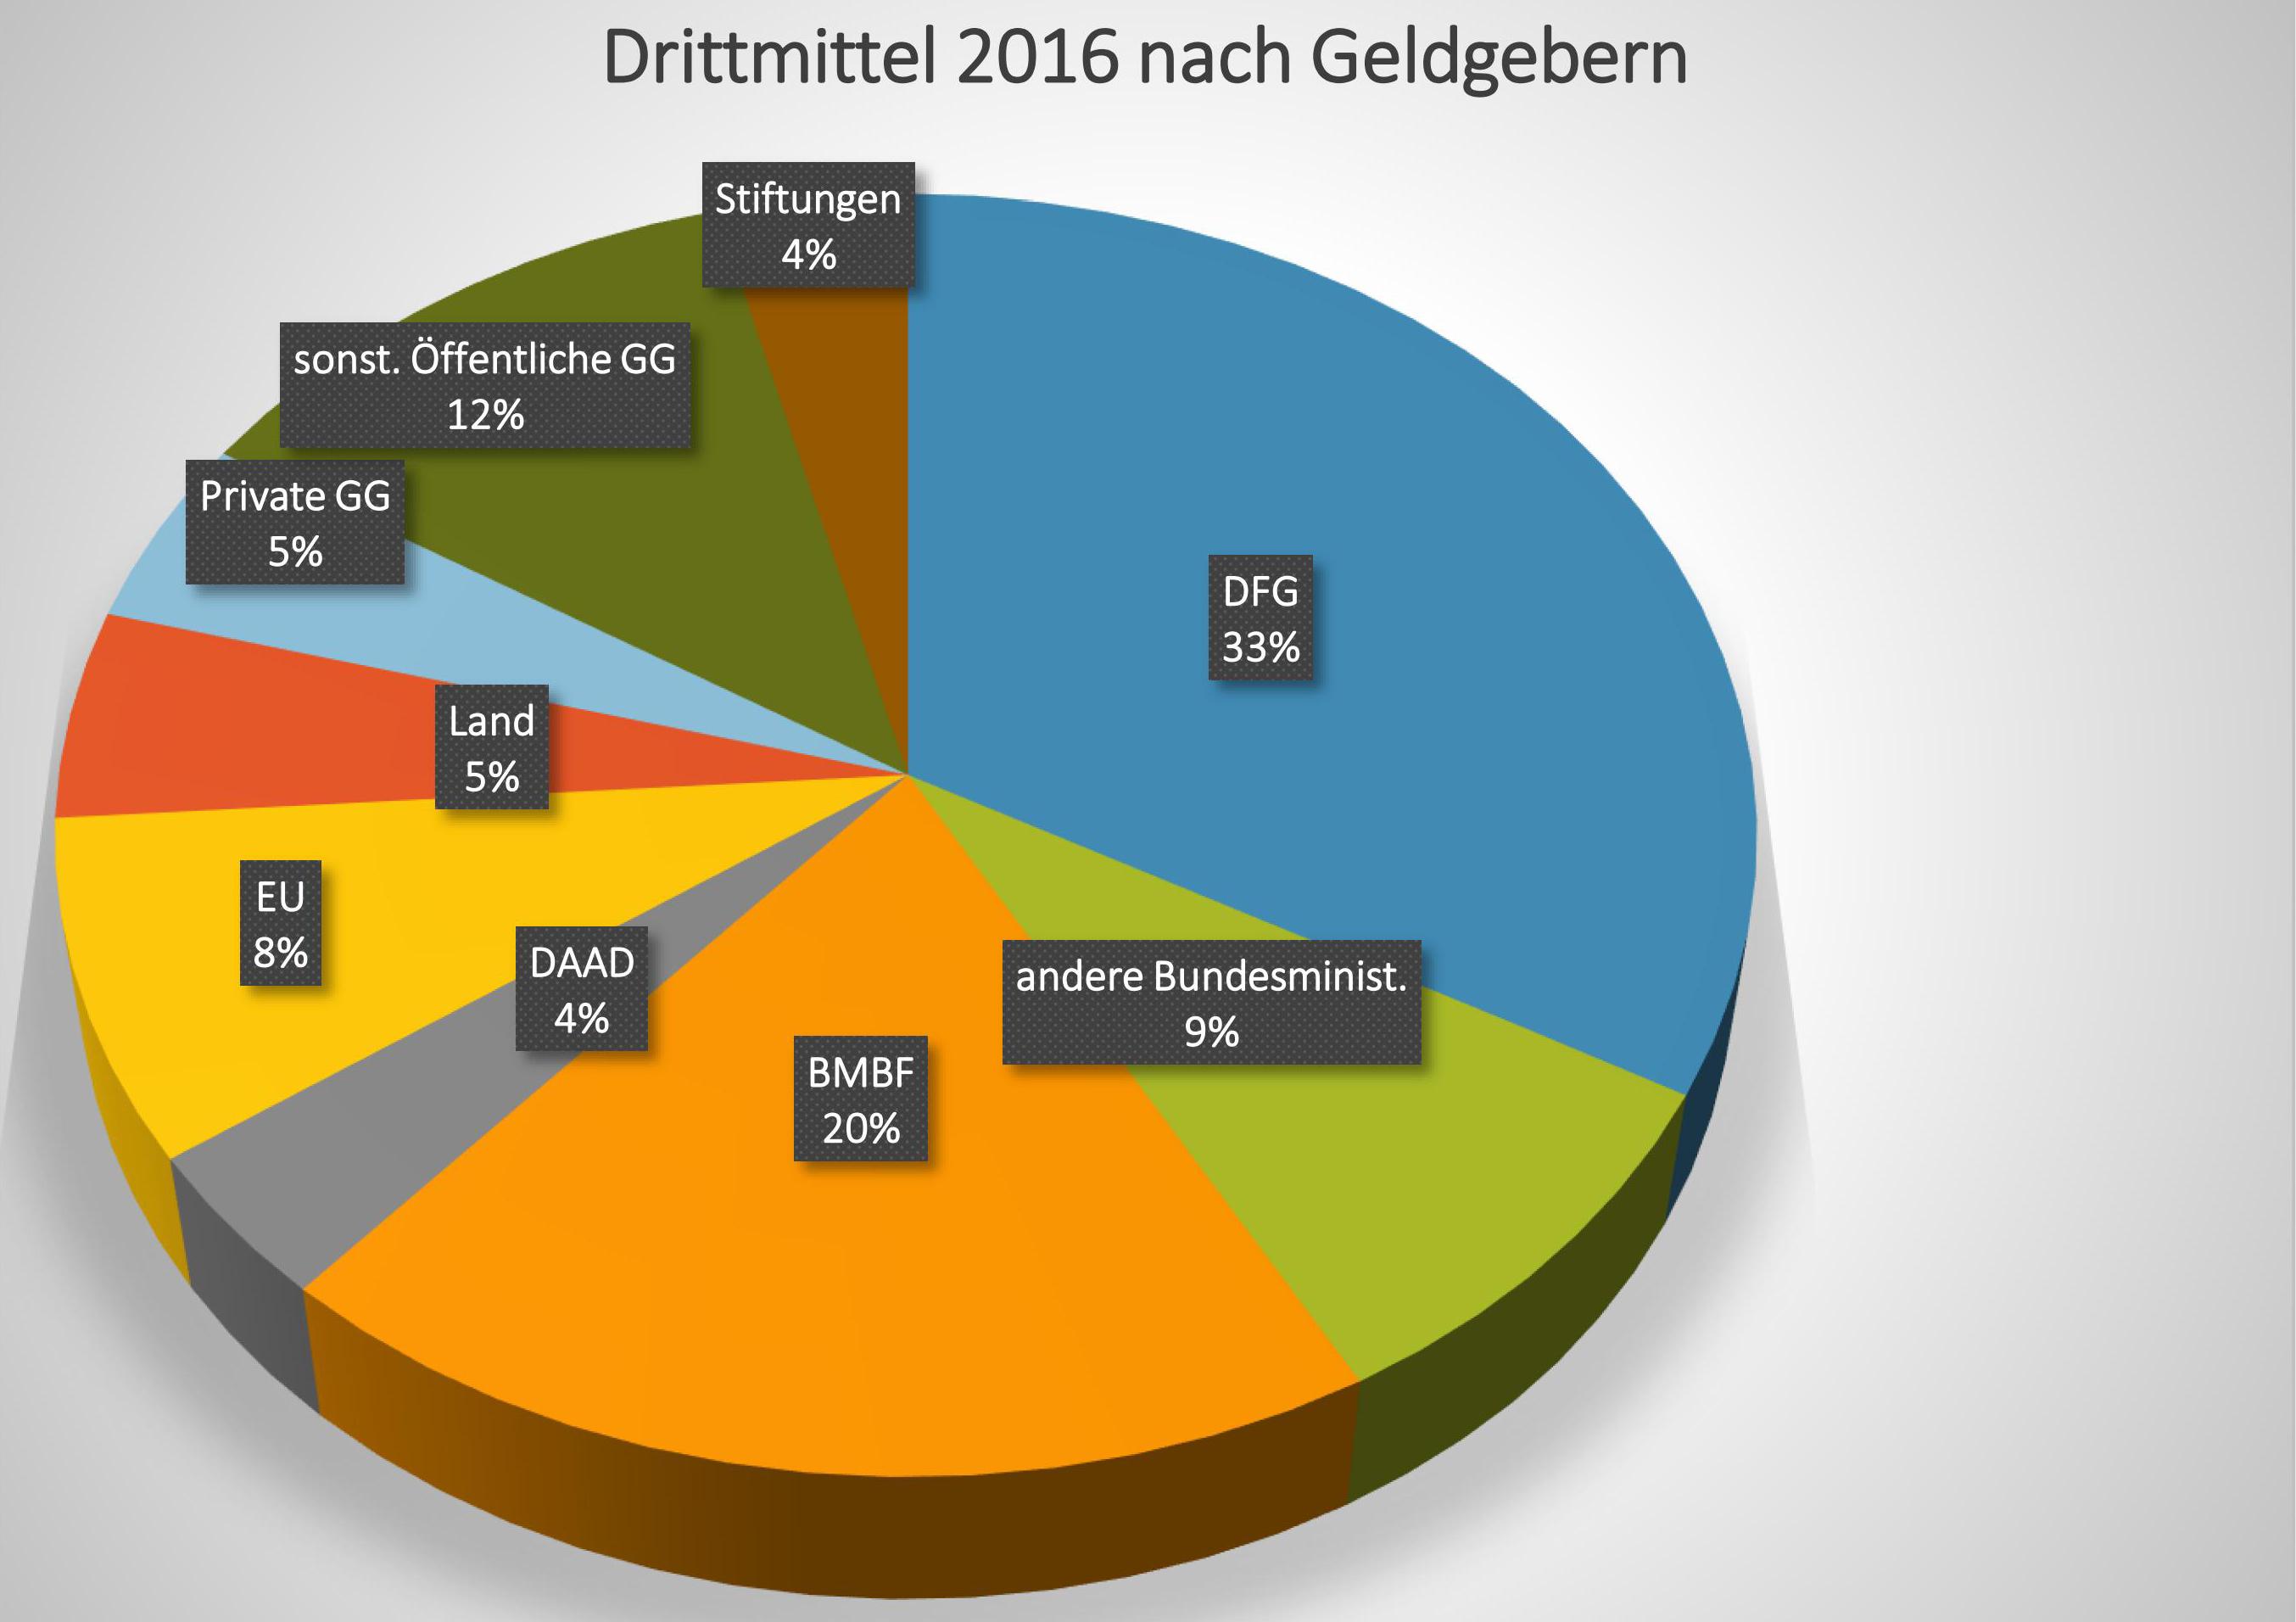 Drittmittel Grafik nach Geldgebern 2016